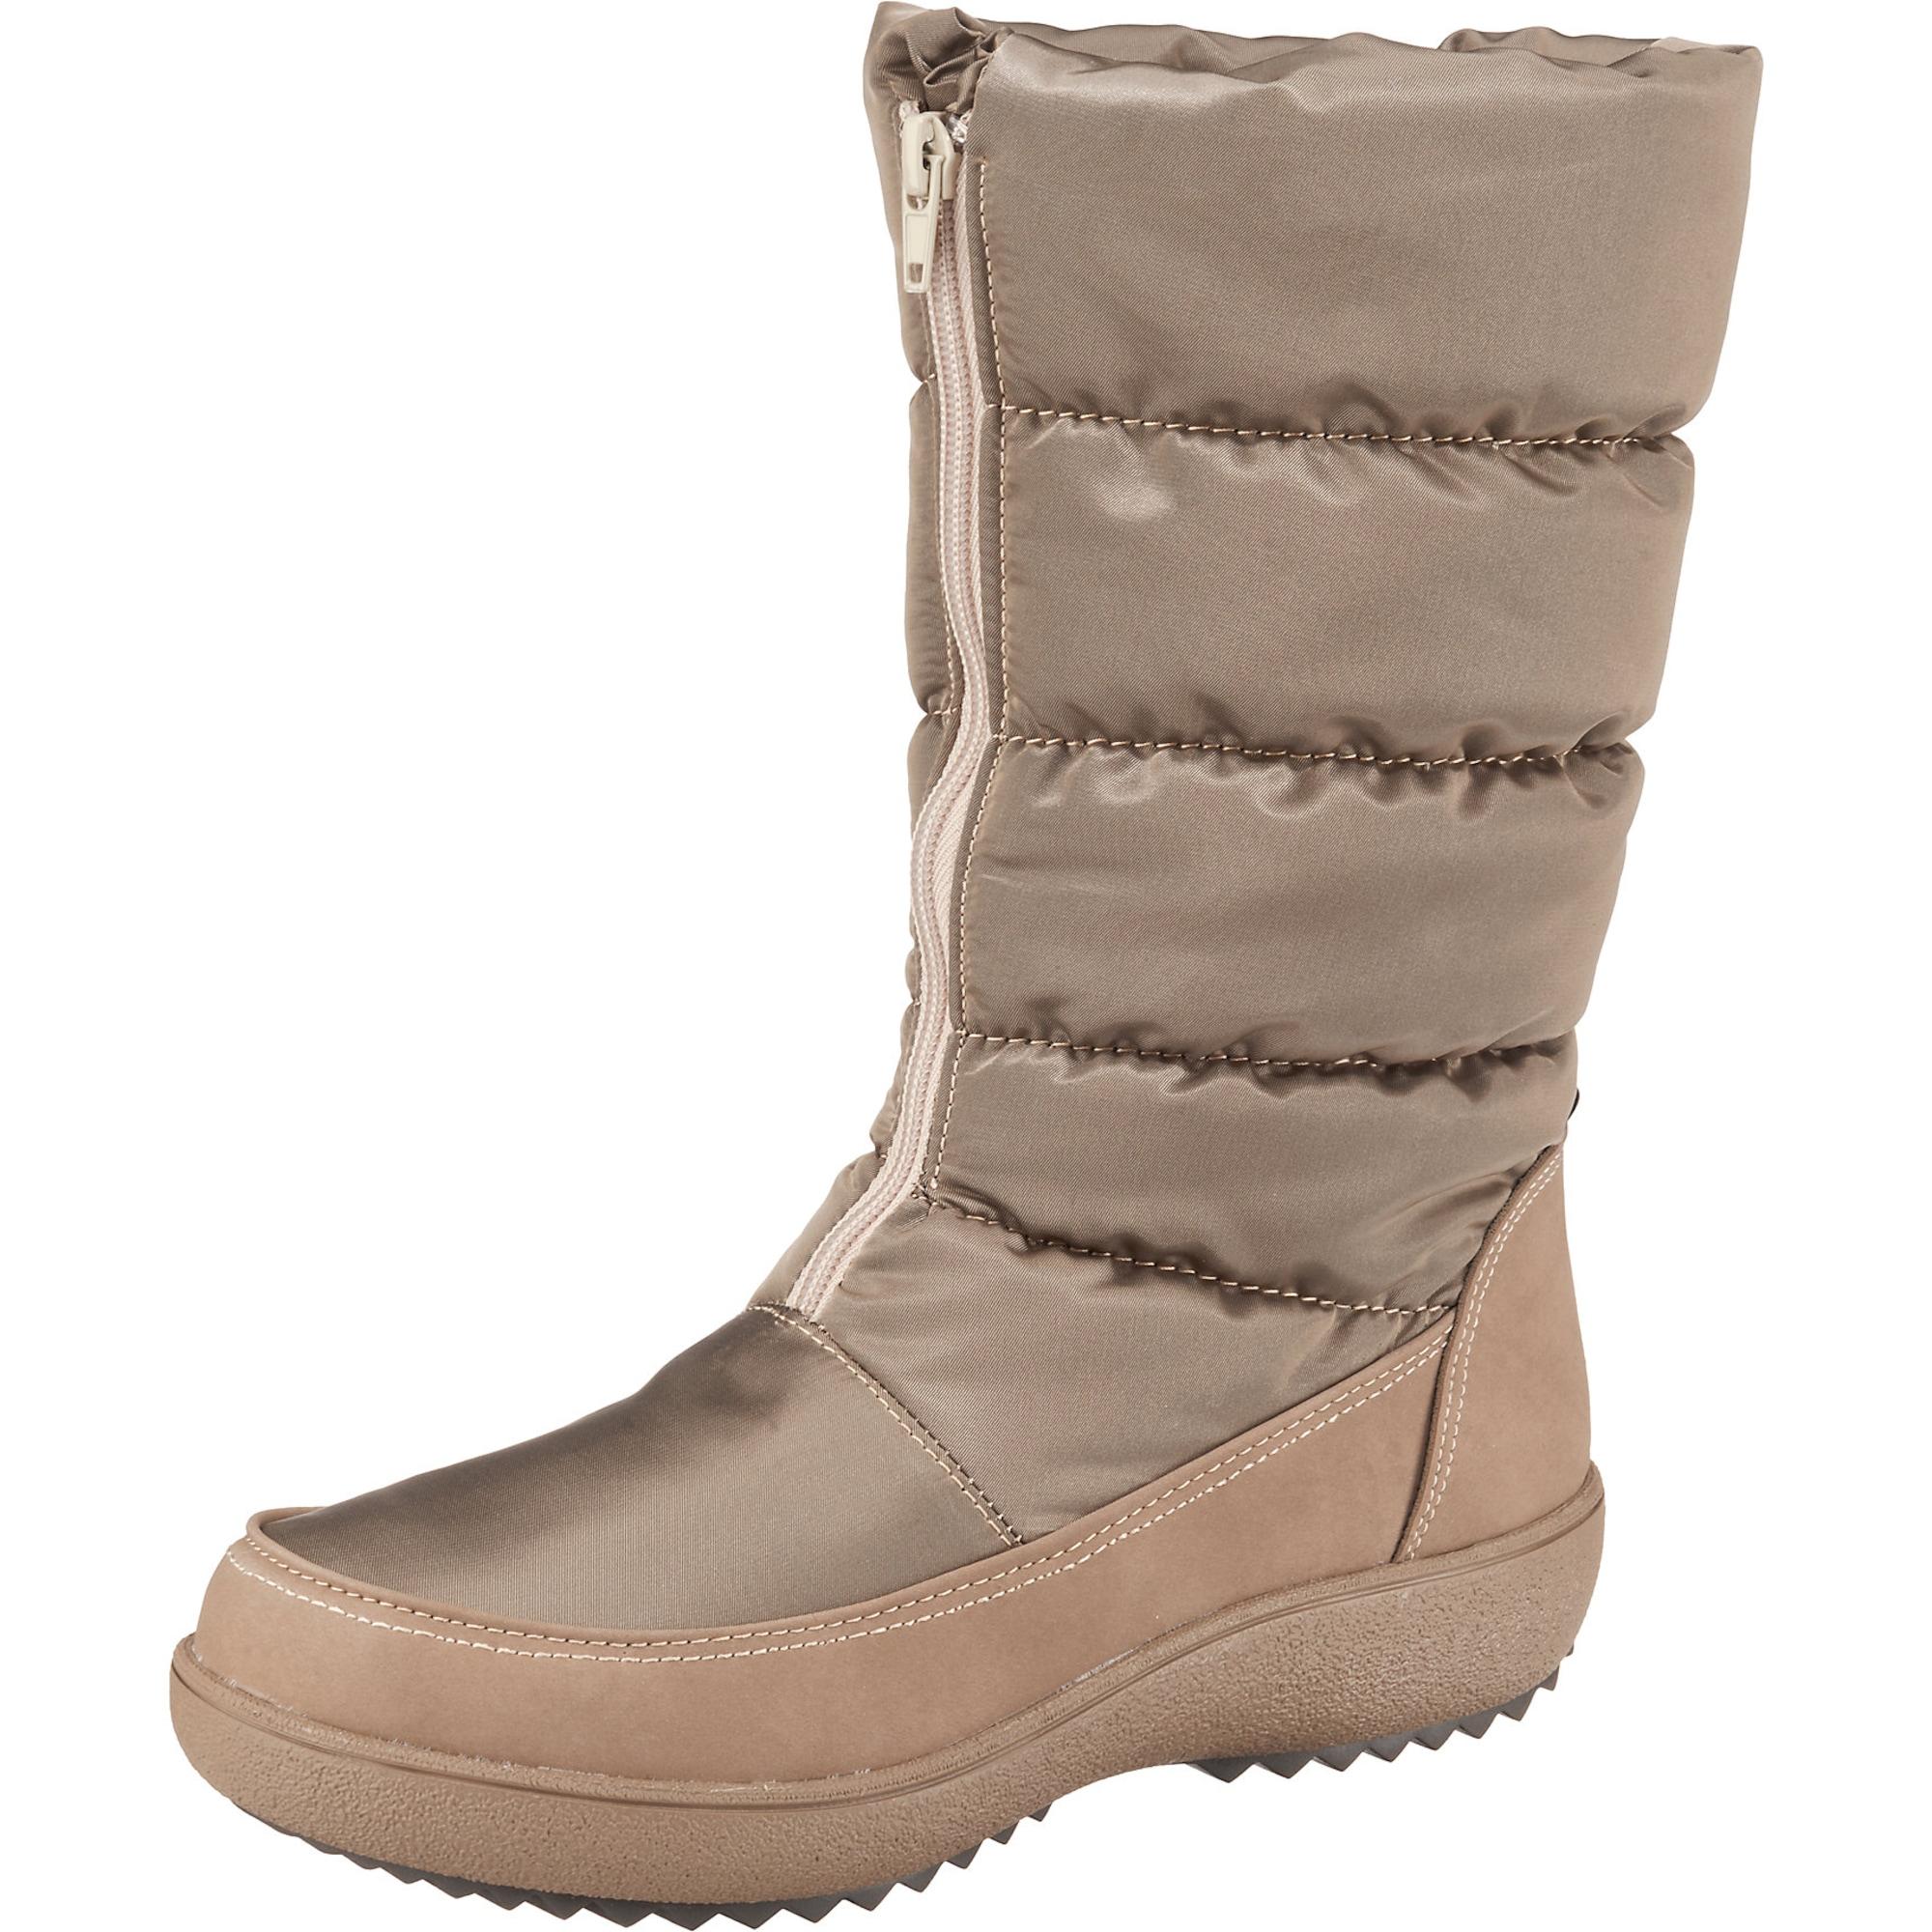 Winterstiefel | Schuhe > Stiefel > Winterstiefel | JOLANA & FENENA